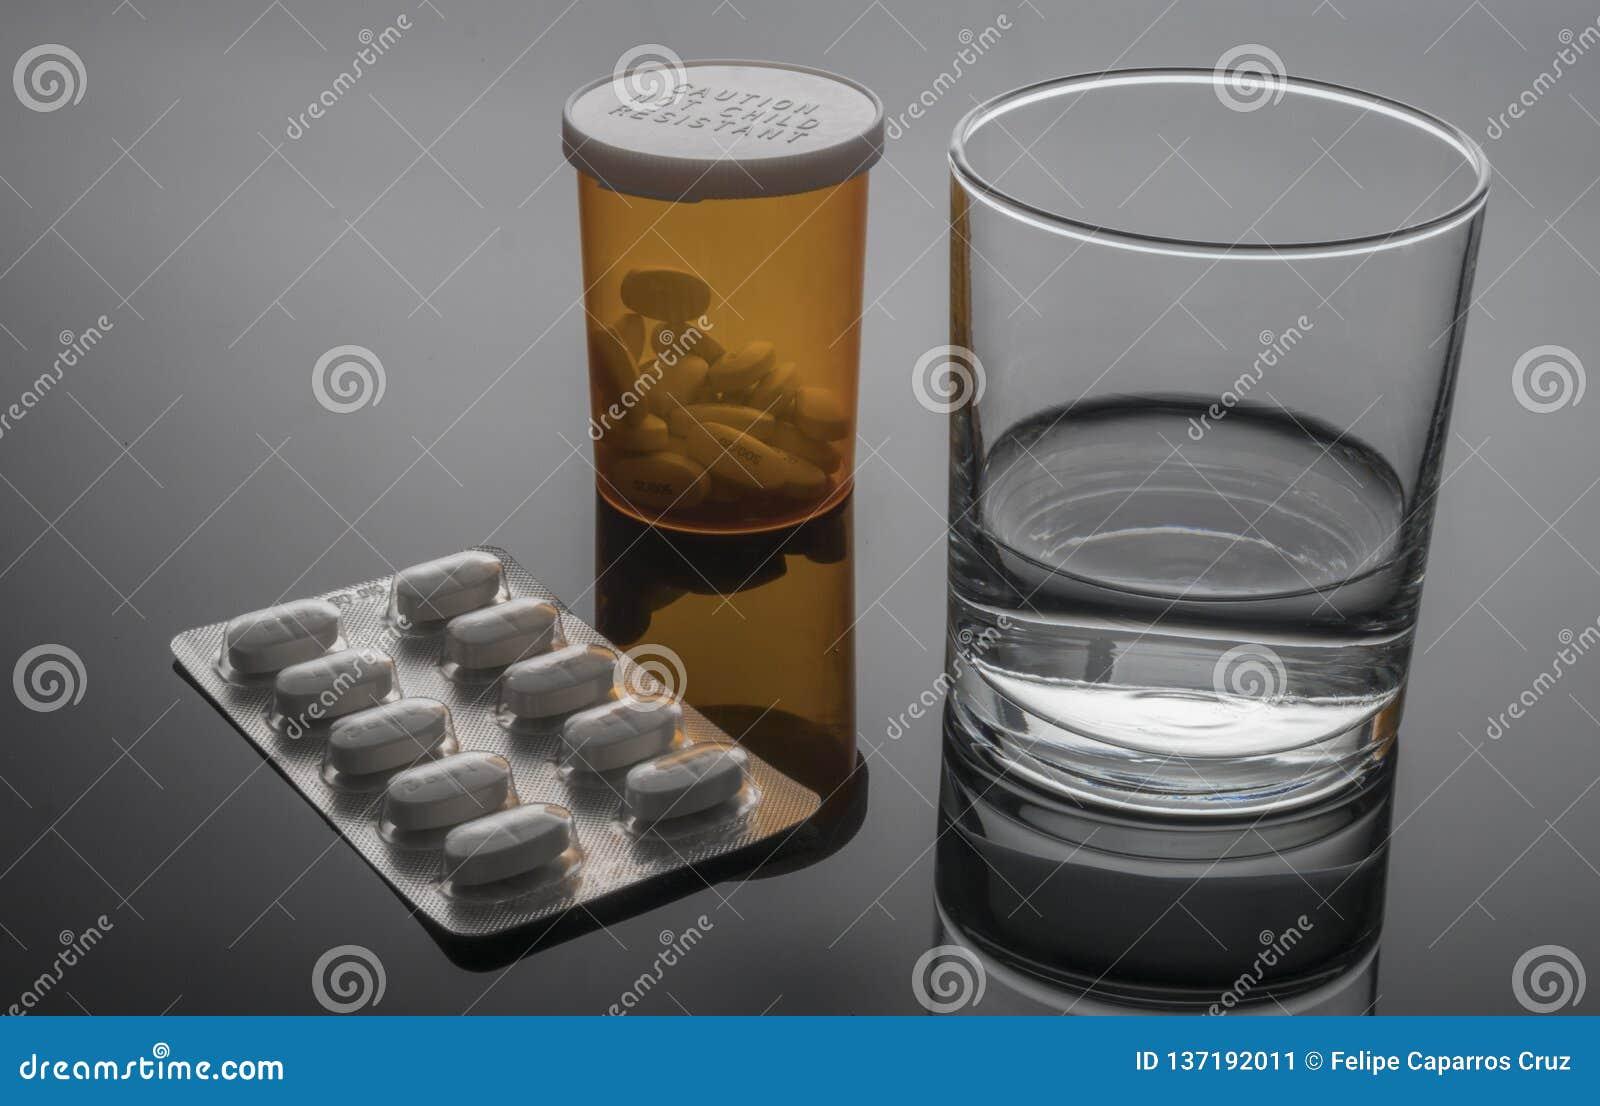 Glas Wasser nahe bei Blisterpackung Pillen